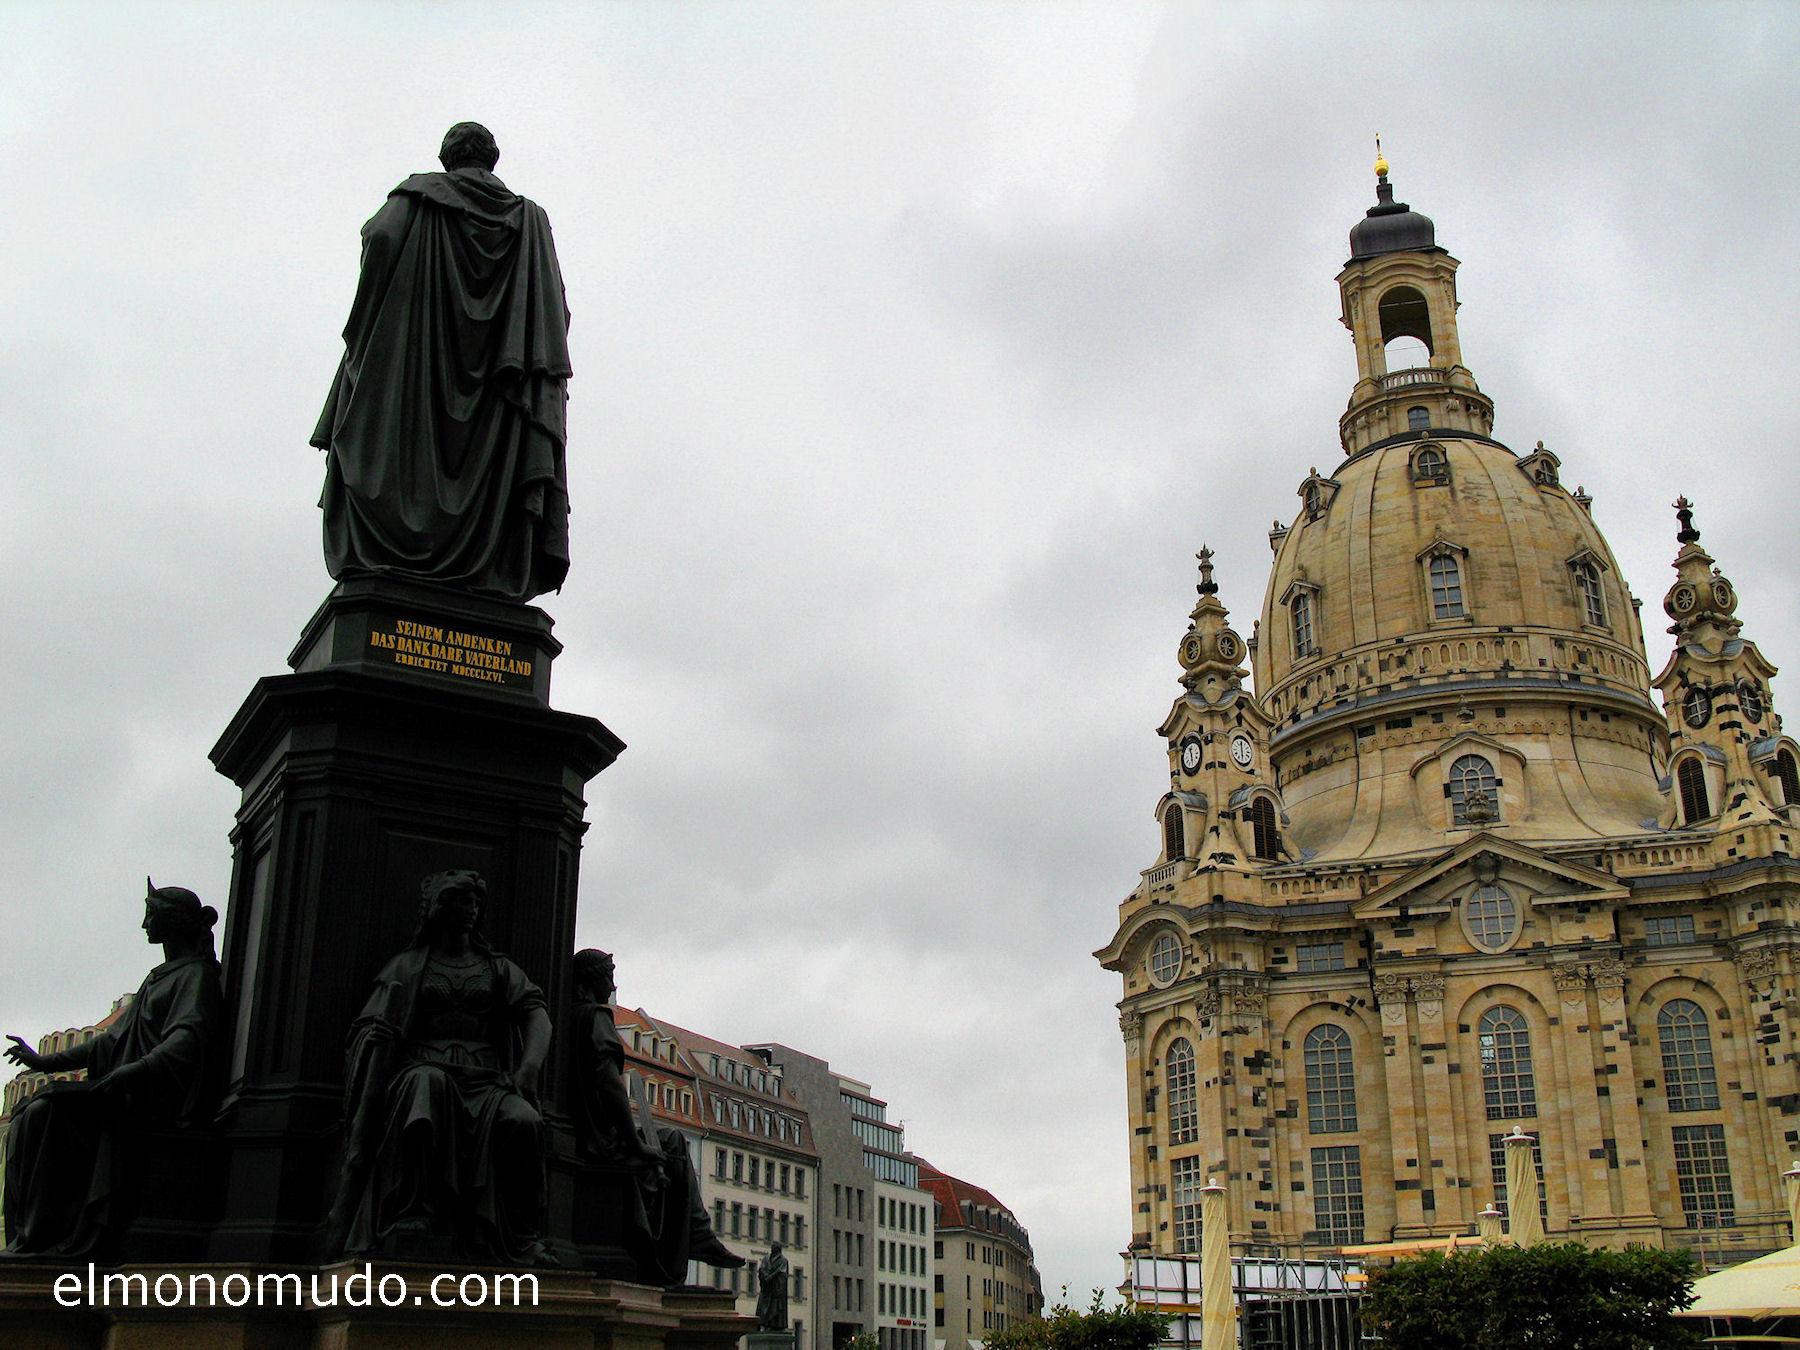 frauenkirche-vista-exterior-estatua